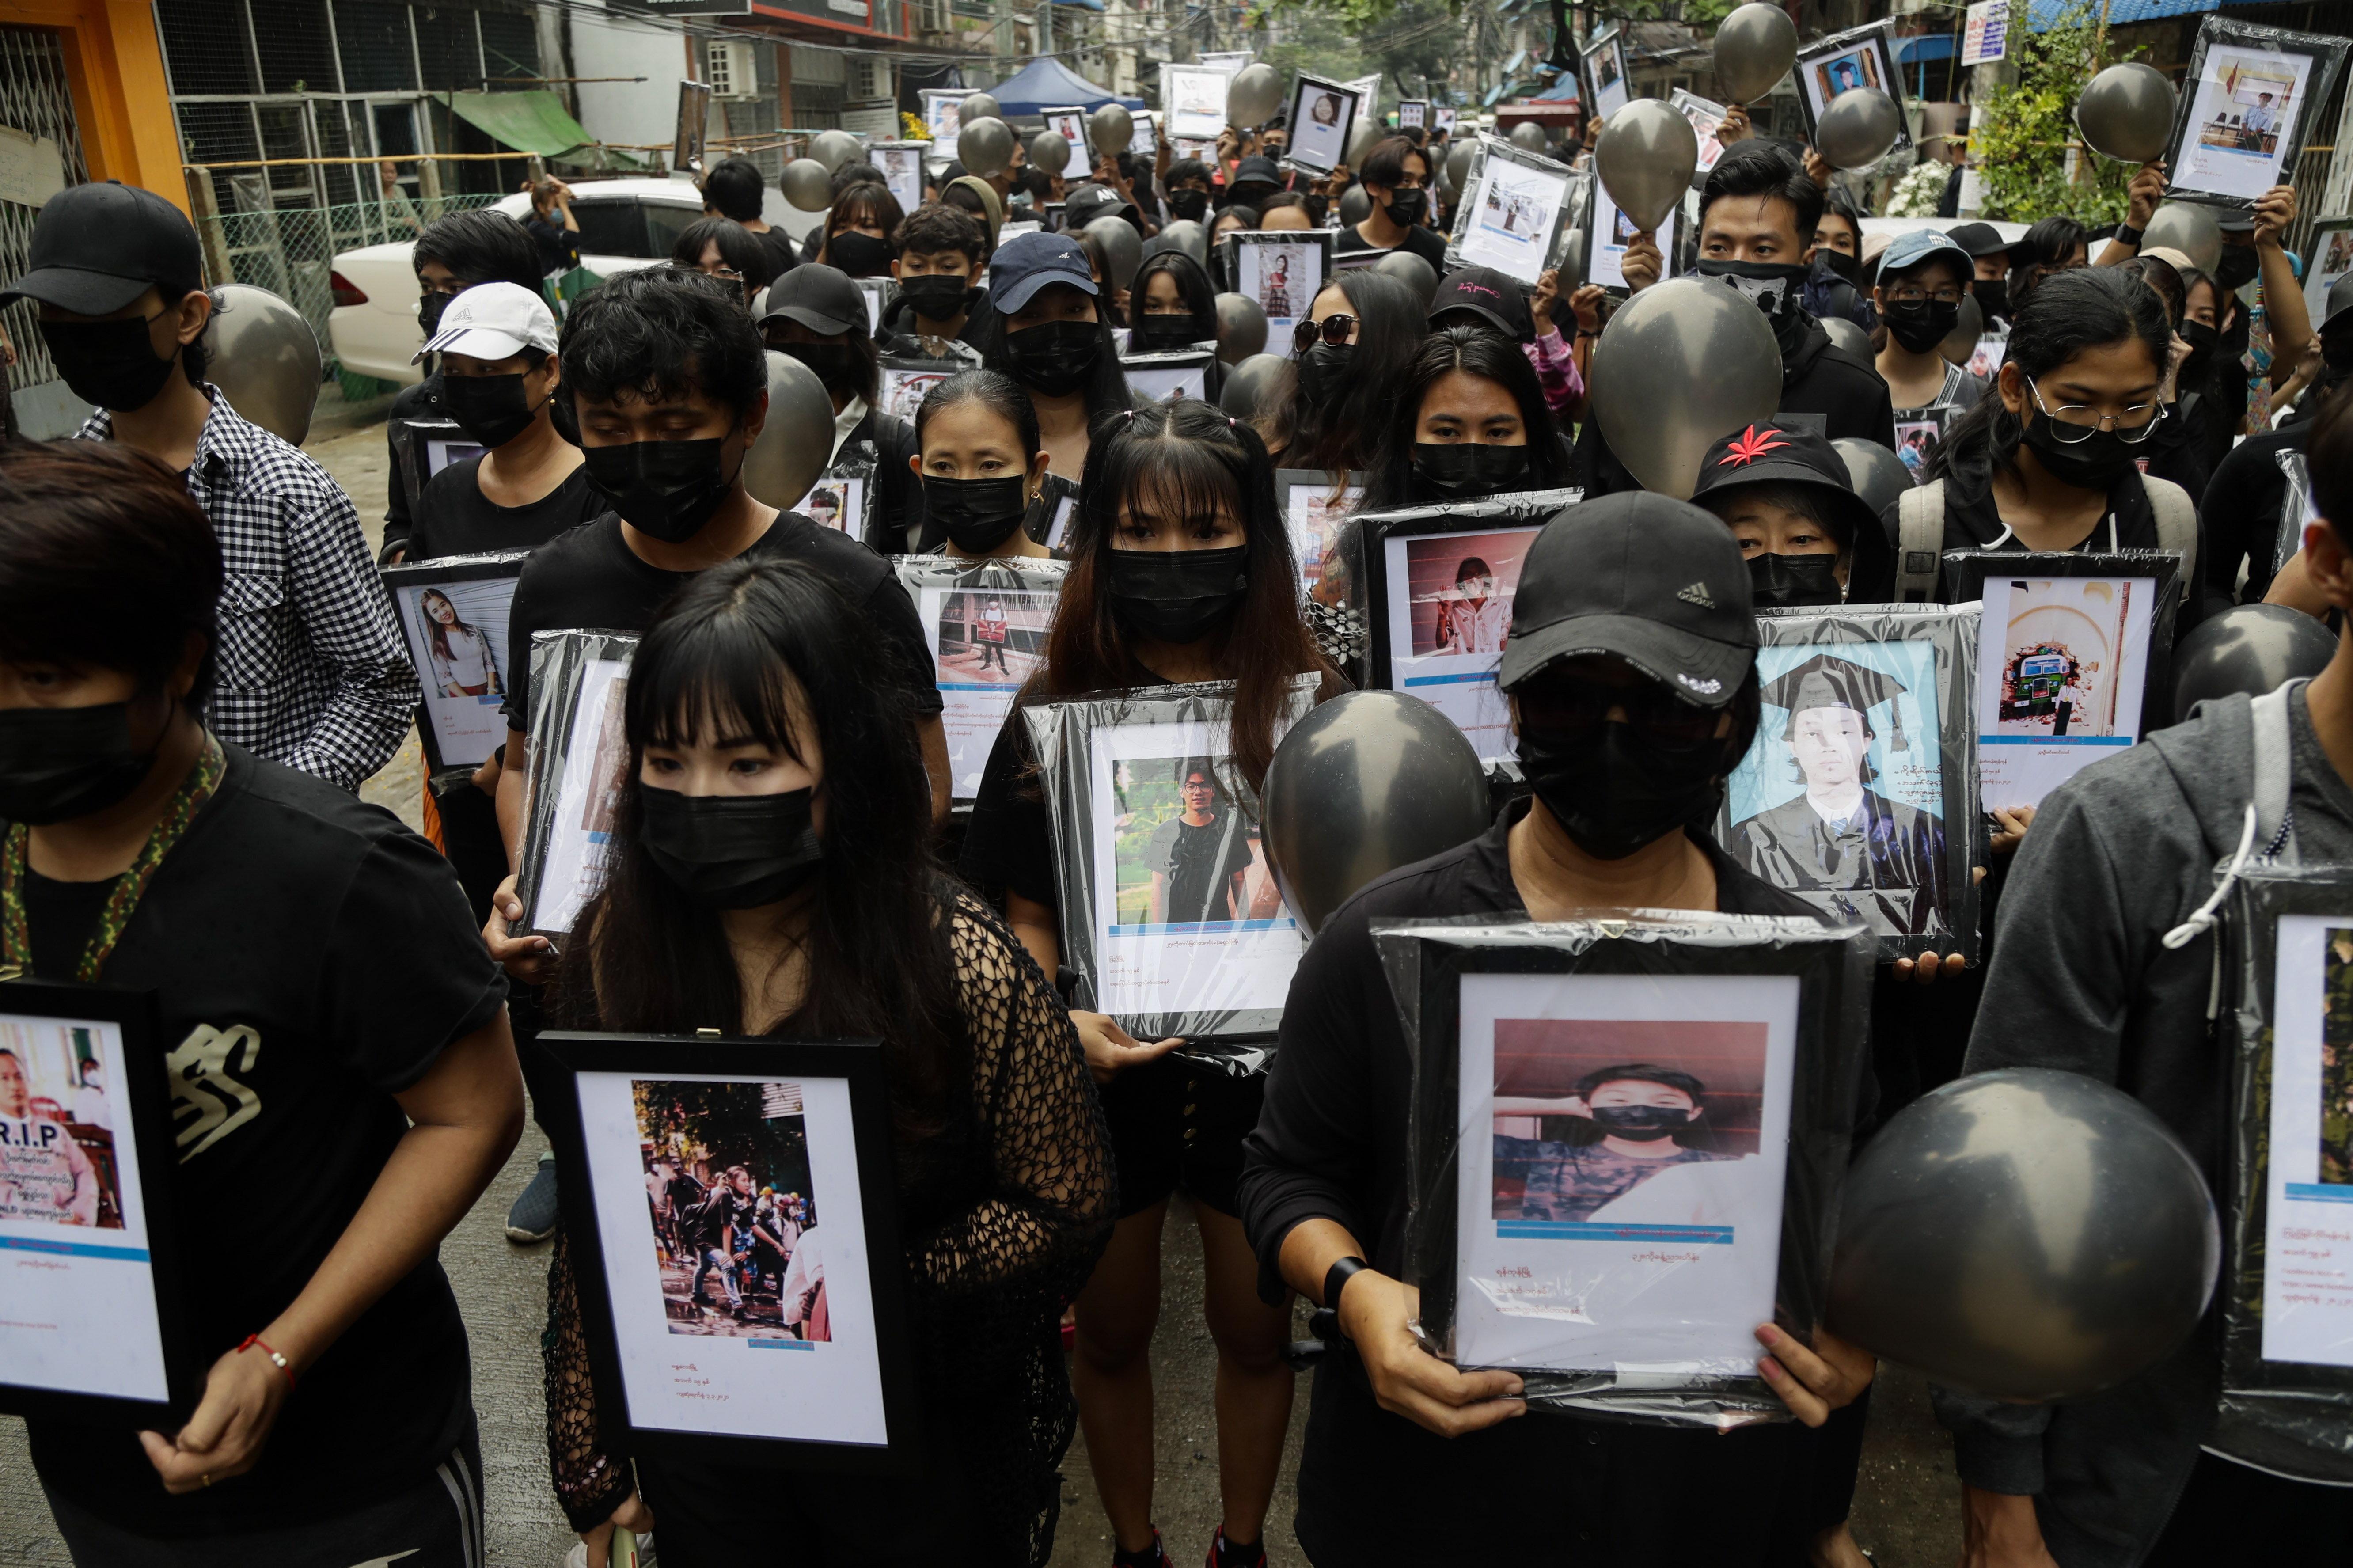 Szombaton elvitték kihallgatni a mianmari költőt, vasárnap reggelre a belső szervei nélkül kapta vissza a hulláját a család